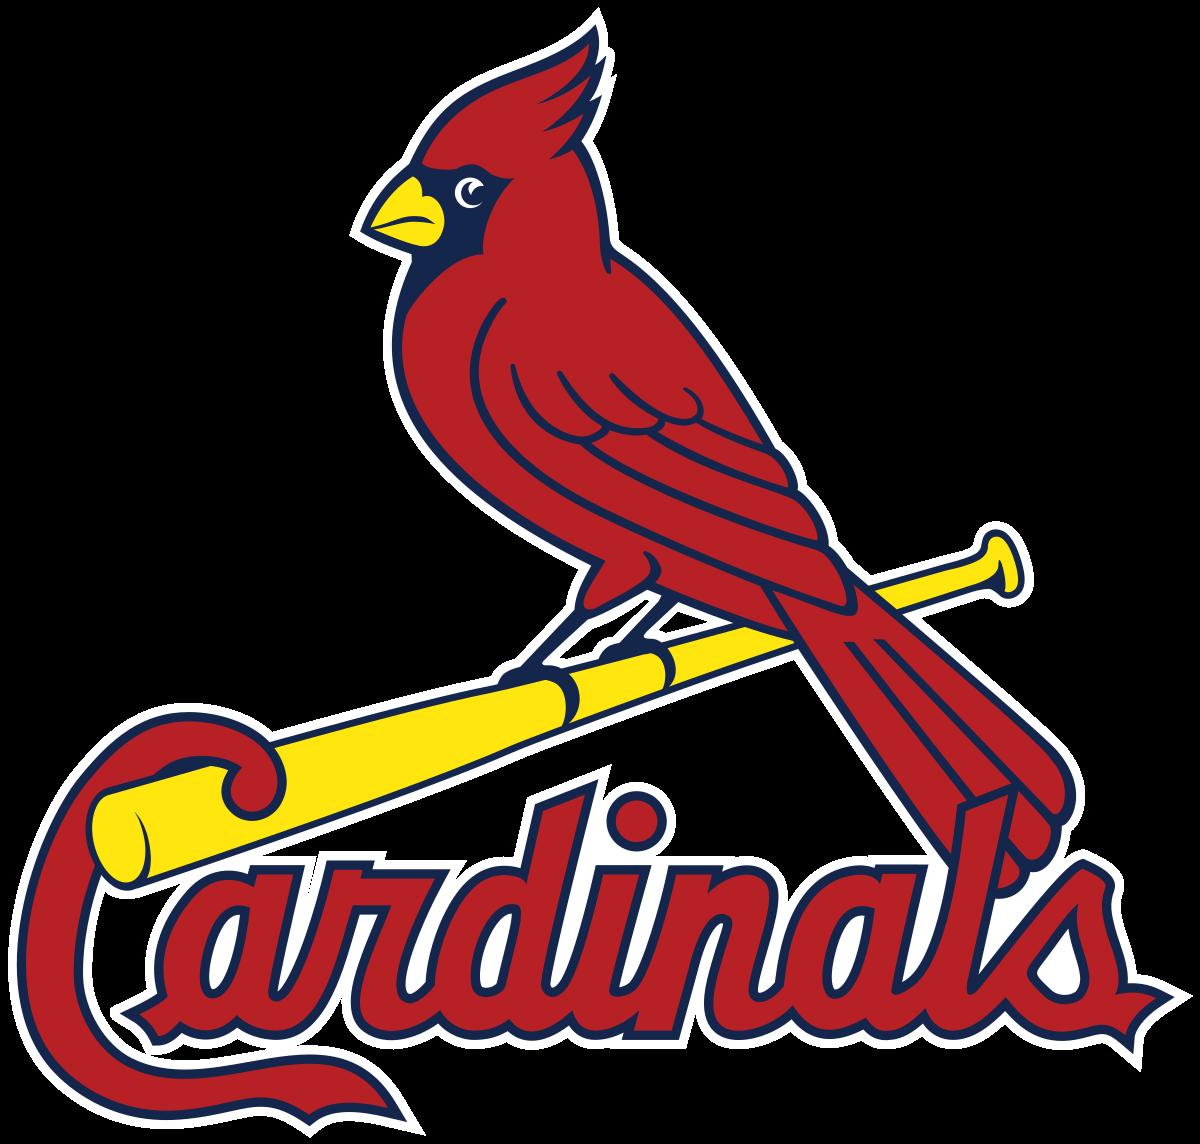 Cardinals Scout Team